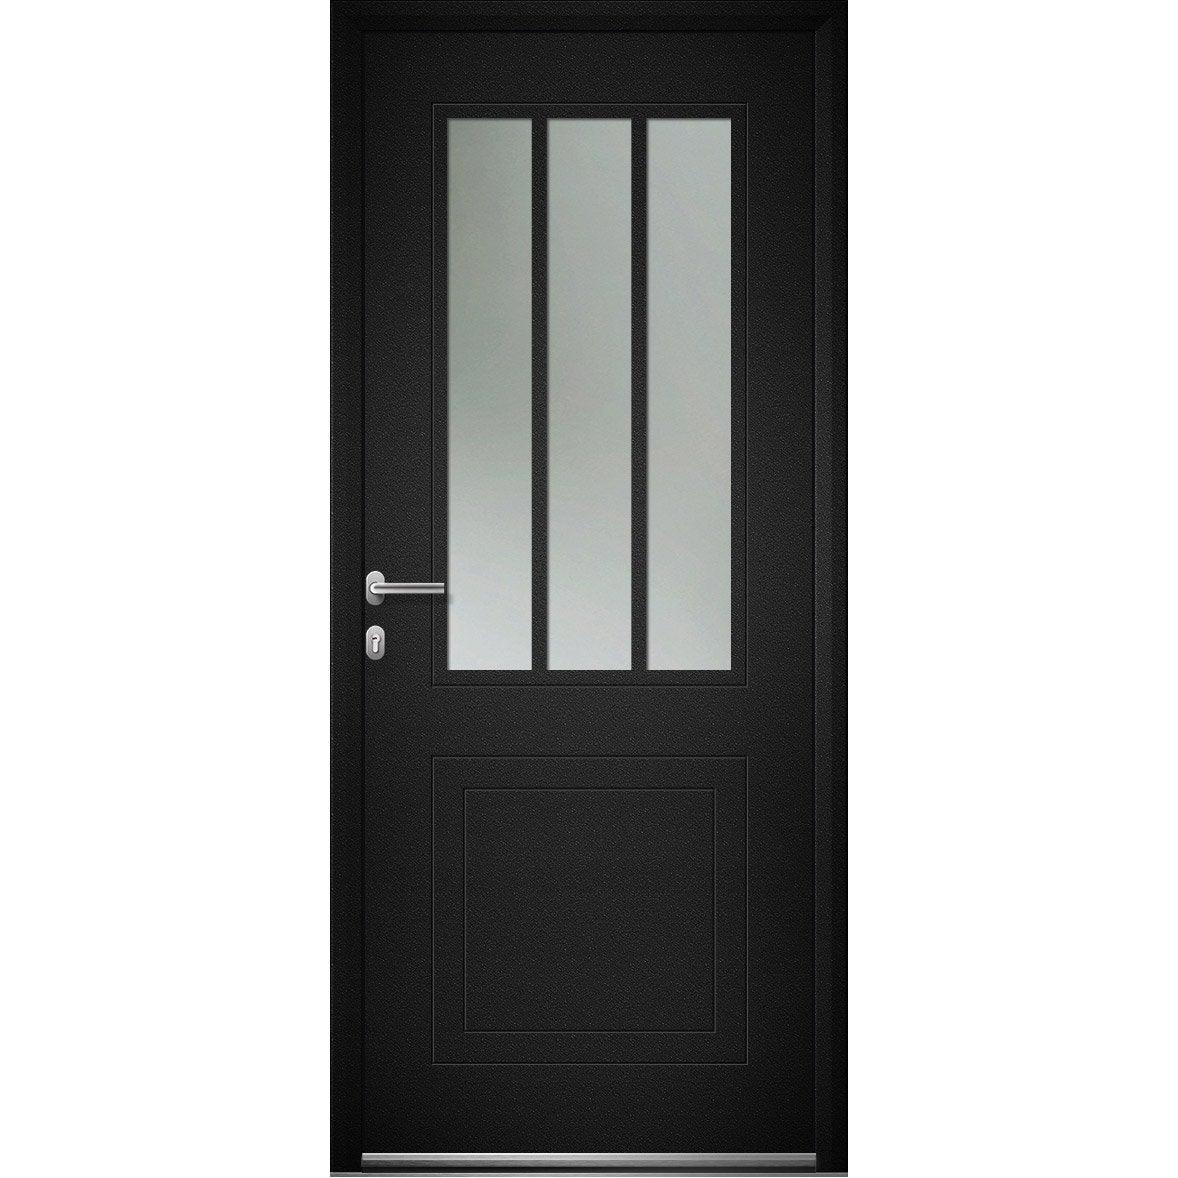 Porte D Entree Alu Atelier Essentiel H 215 X L 90 Cm 1 2 Vitree Gris Anthr Pd Porte Entree Alu Porte Entree Aluminium Porte Entree Vitree